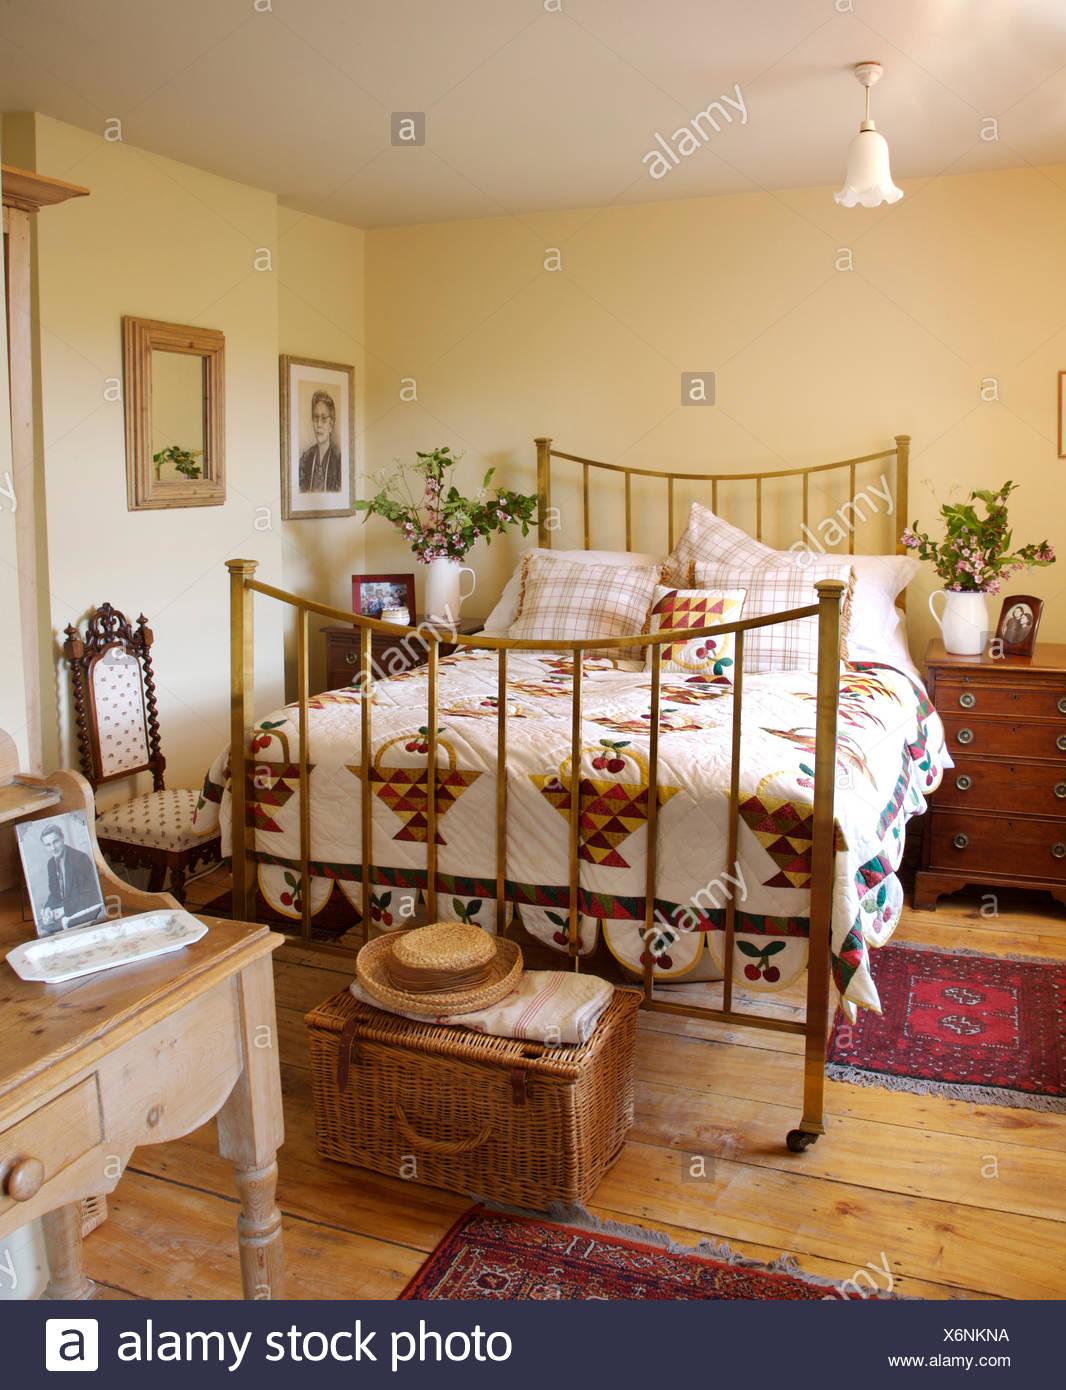 Alte Weide Truhe am Fuße des Messing-Bett mit einem Flickenteppich ...